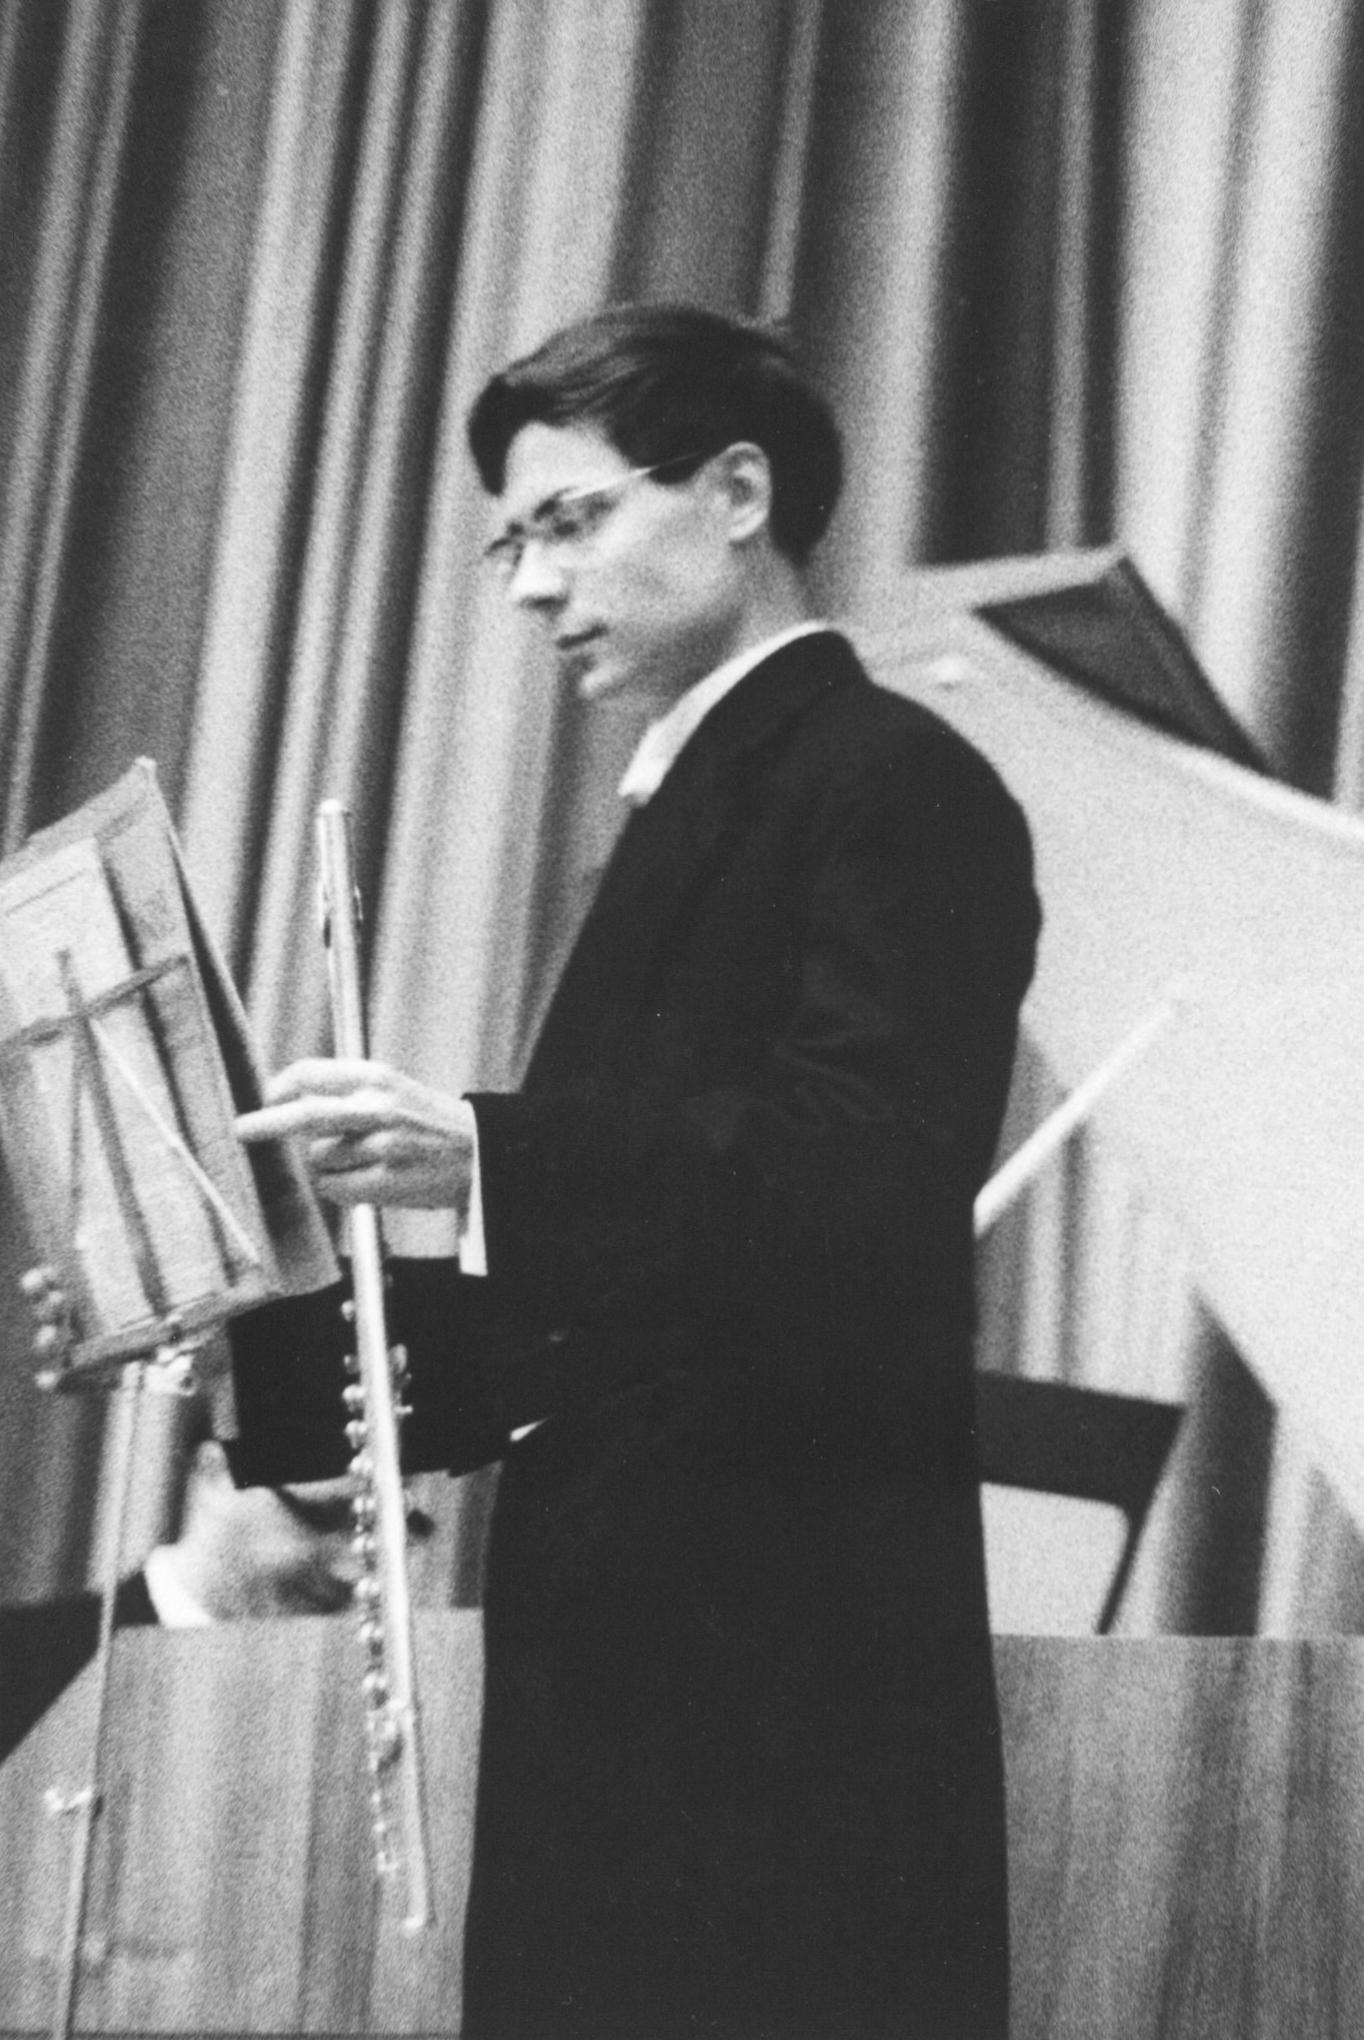 Theatersaal der Universität Bonn, 10. Juli 1963:  Georg Friedrich Händel, Sonate a-Moll (Hallenser Sonate Nr. 1)